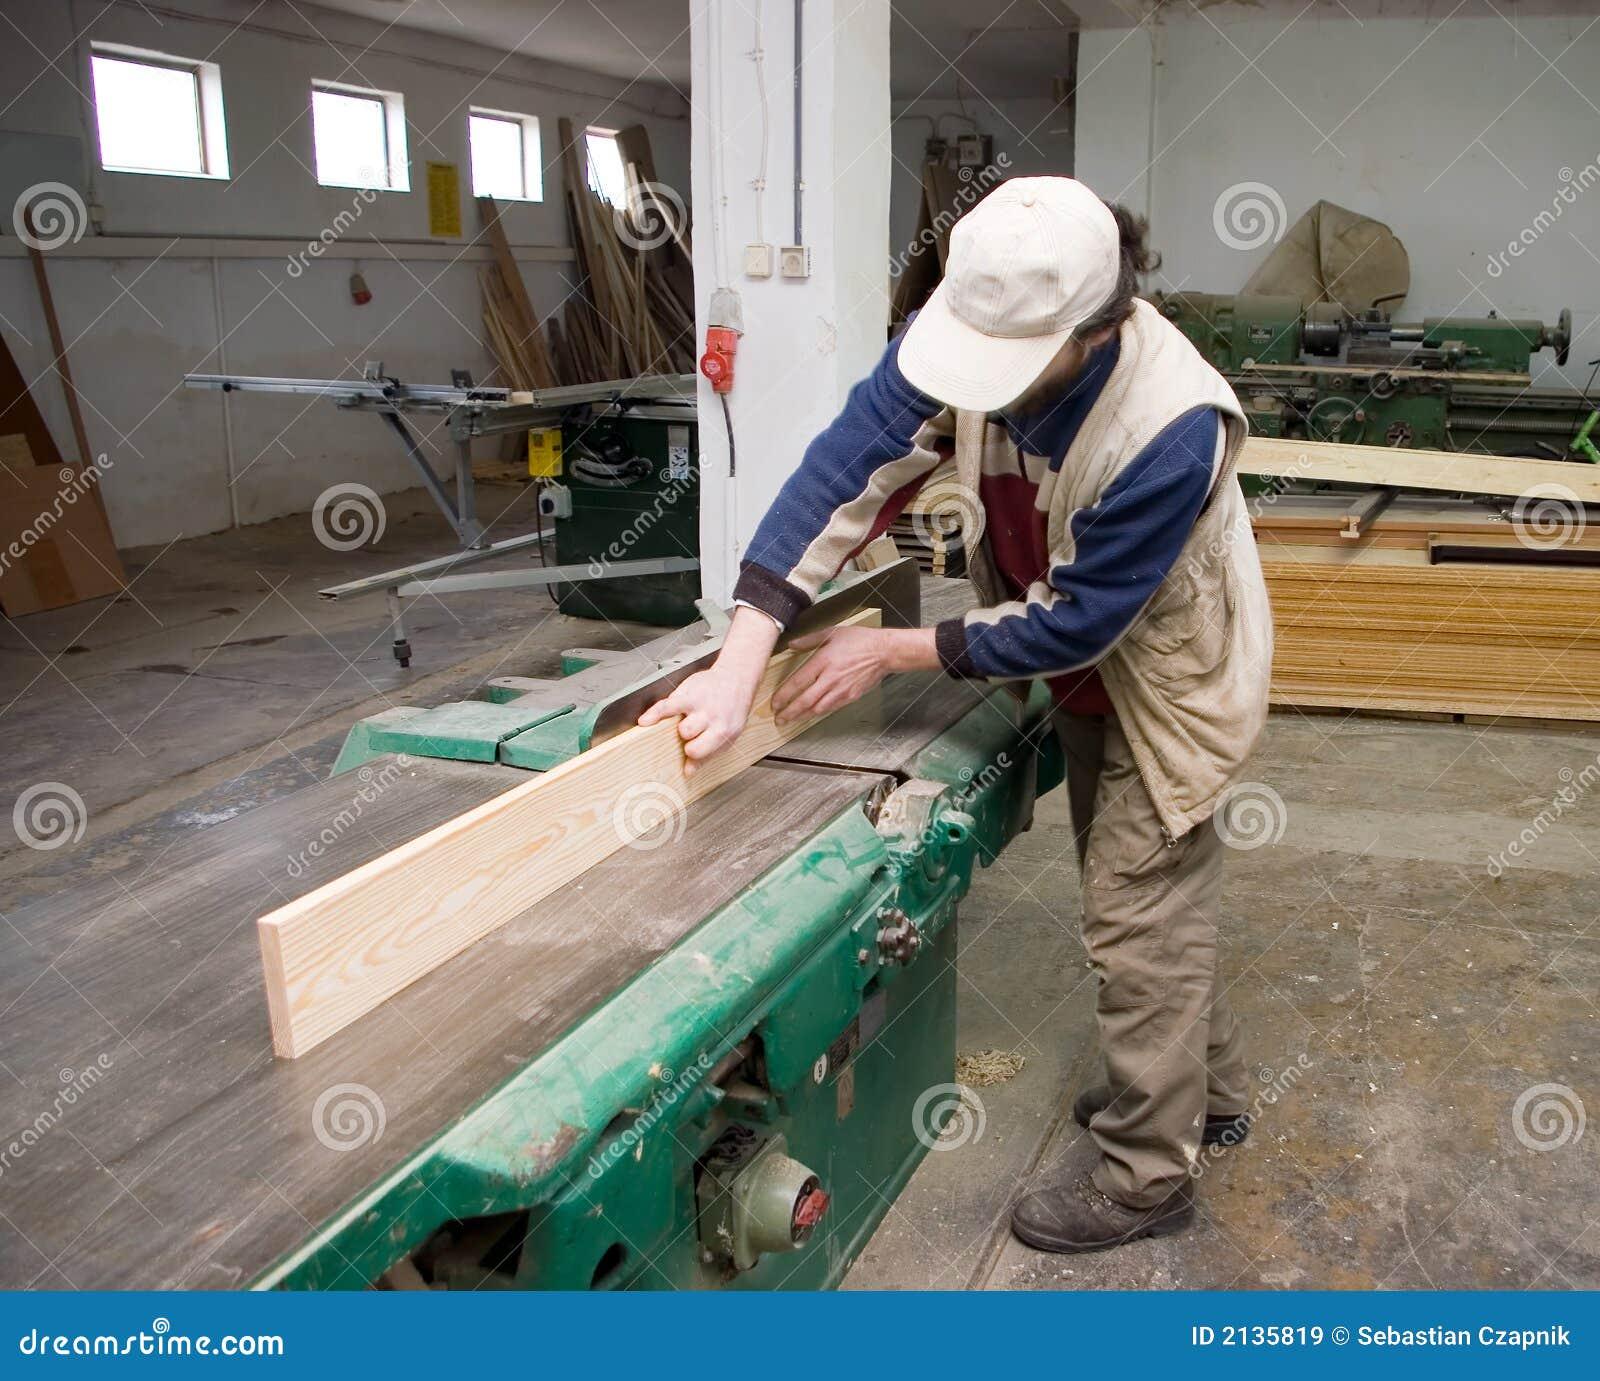 Tischler bei der arbeit  Tischler Bei Der Arbeit. Lizenzfreie Stockbilder - Bild: 2135819